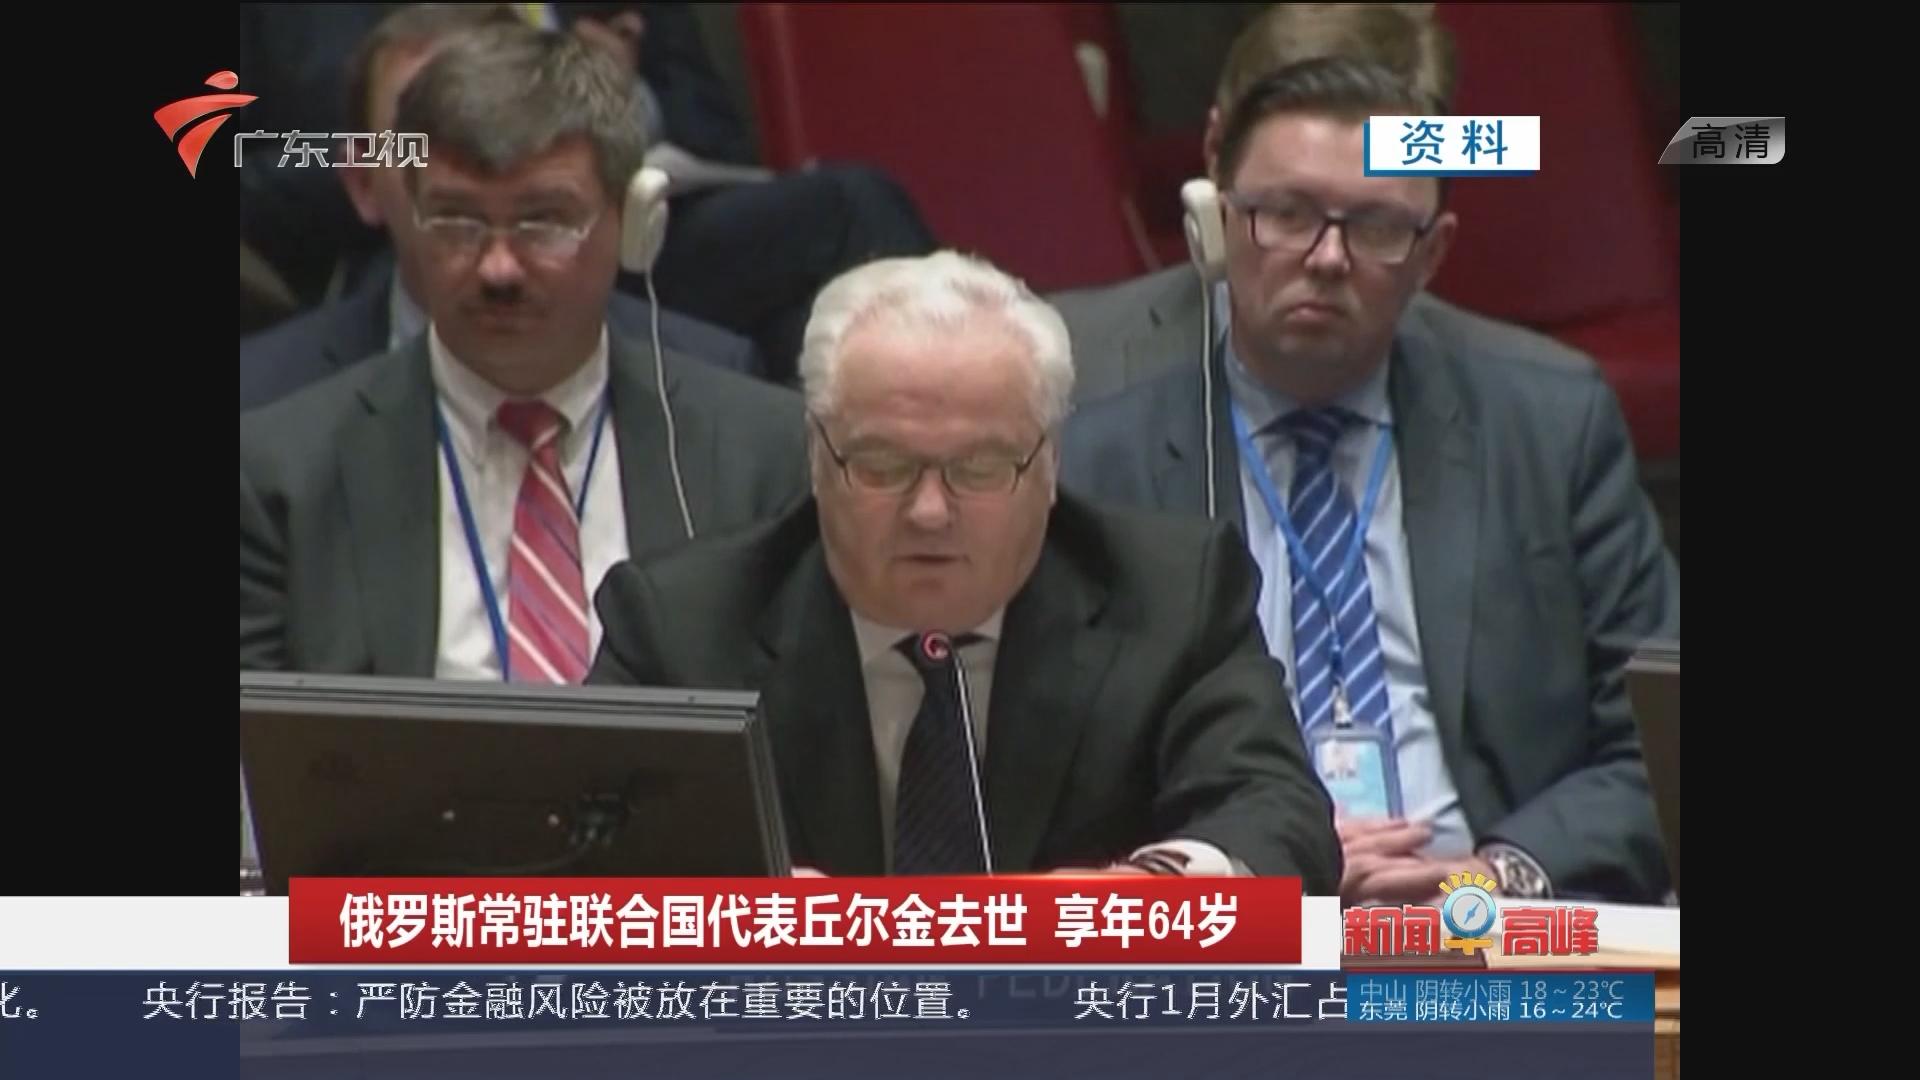 俄罗斯常驻联合国代表丘尔金去世 享年64岁